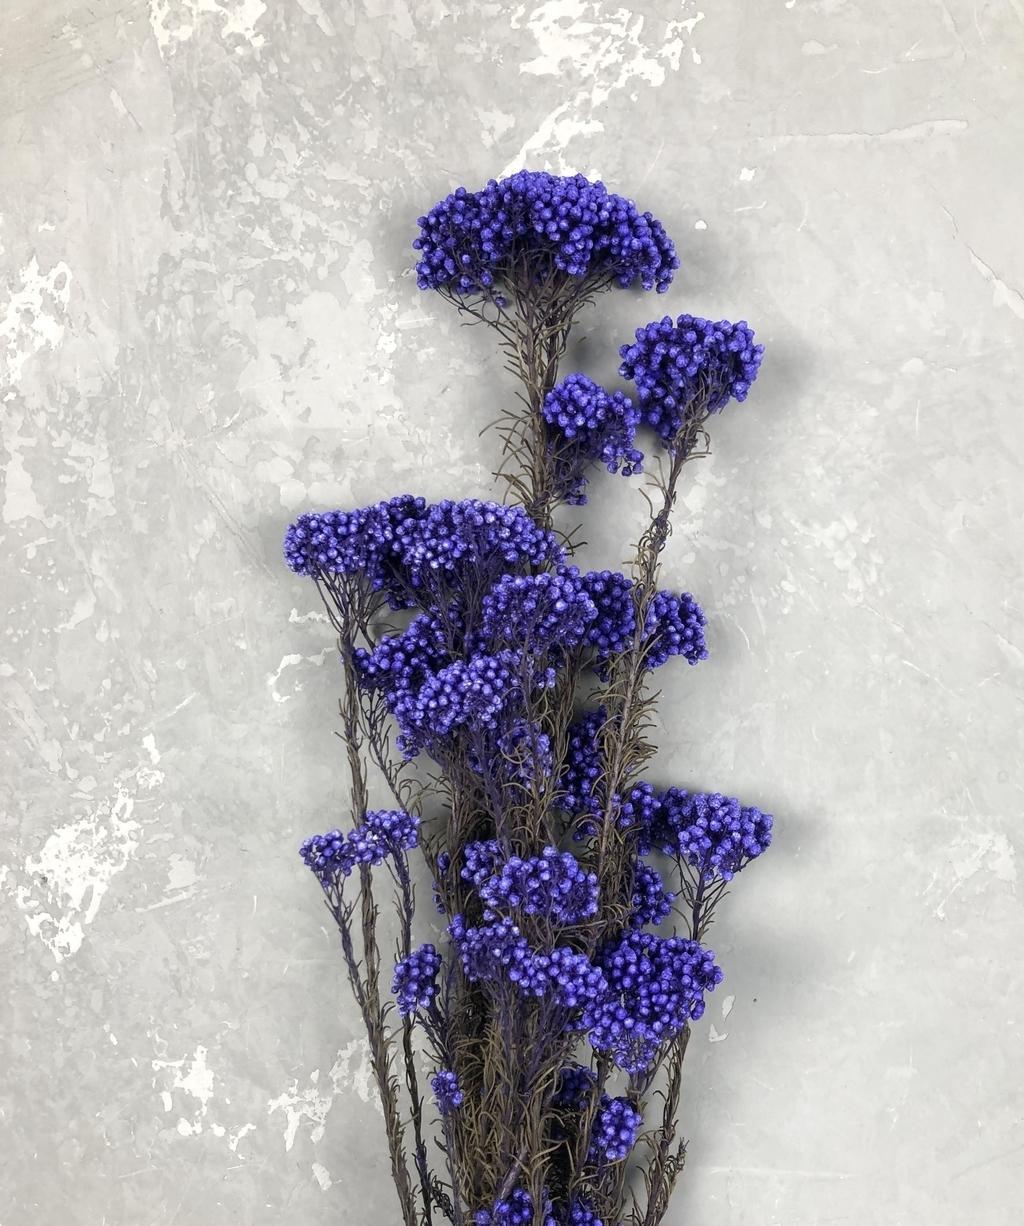 Озотамнус стабилизированный сине-фиолетовый